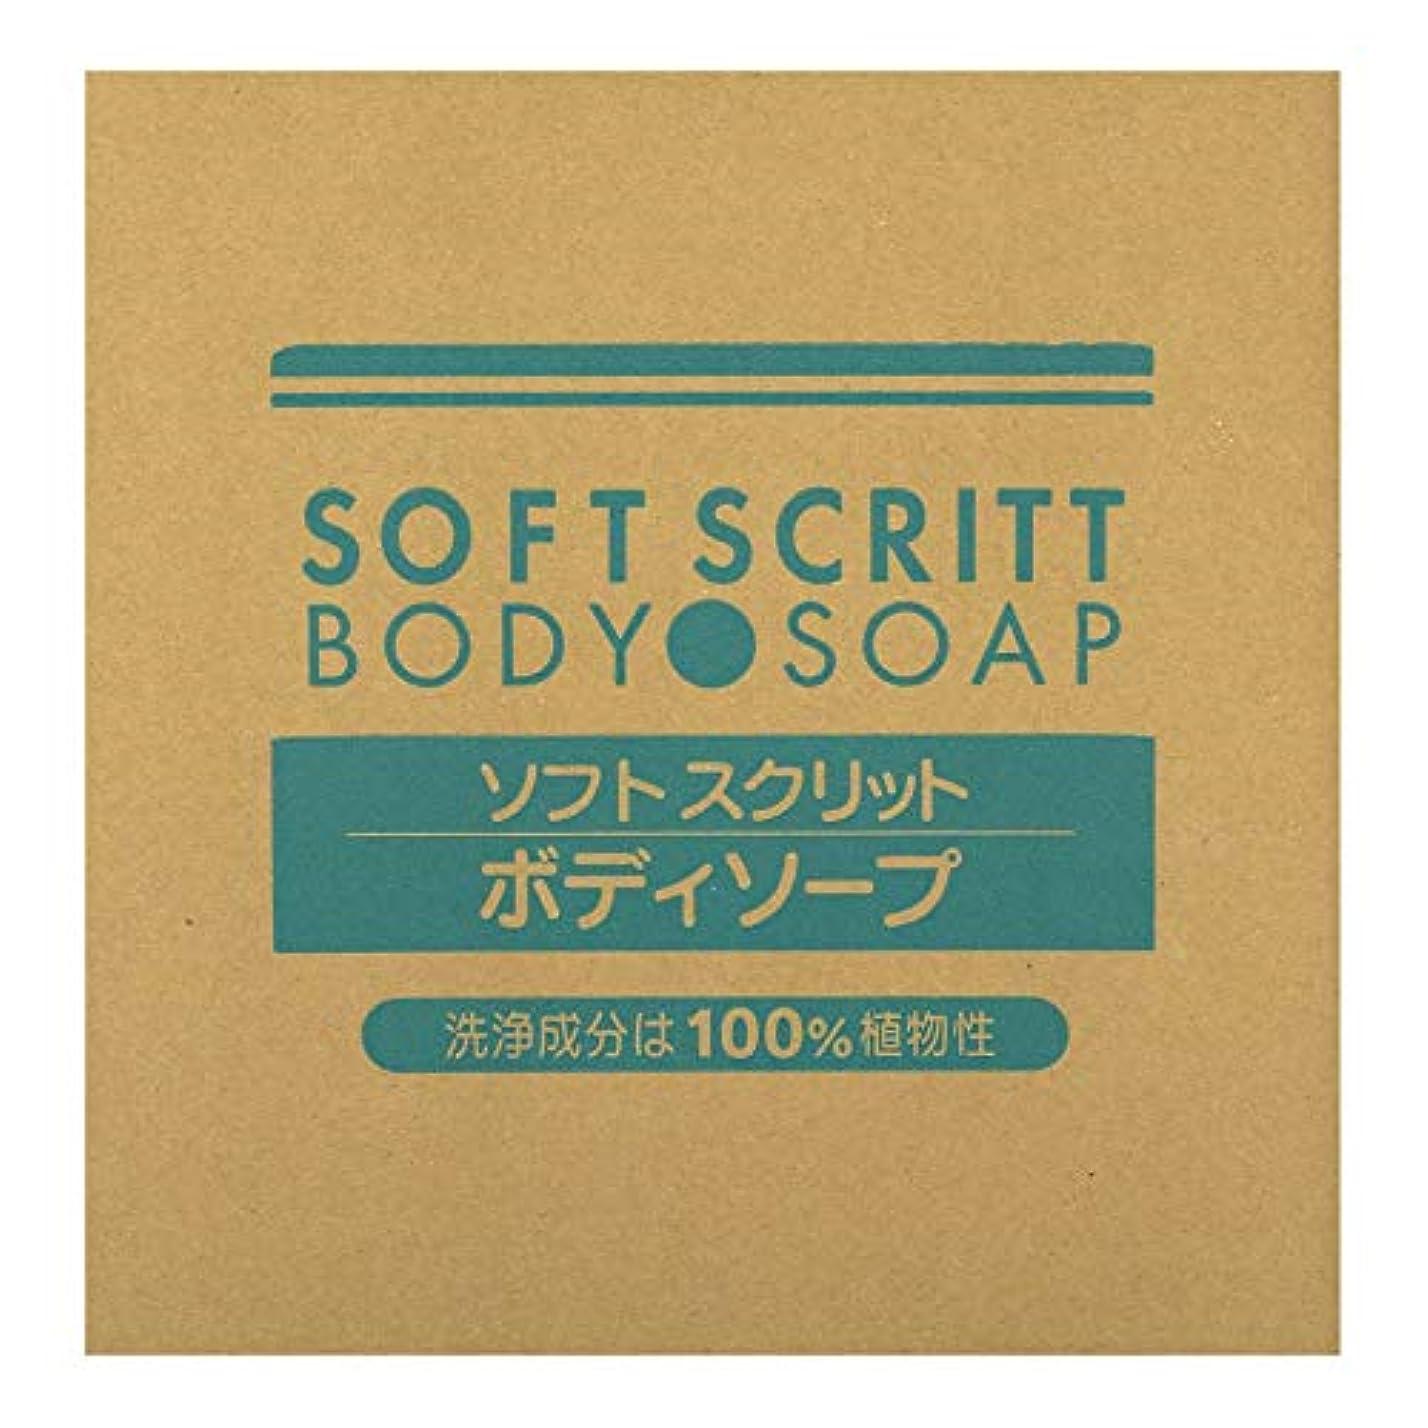 事件、出来事ルーム素晴らしい熊野油脂 業務用 SOFT SCRITT(ソフト スクリット) ボディソープ 18L